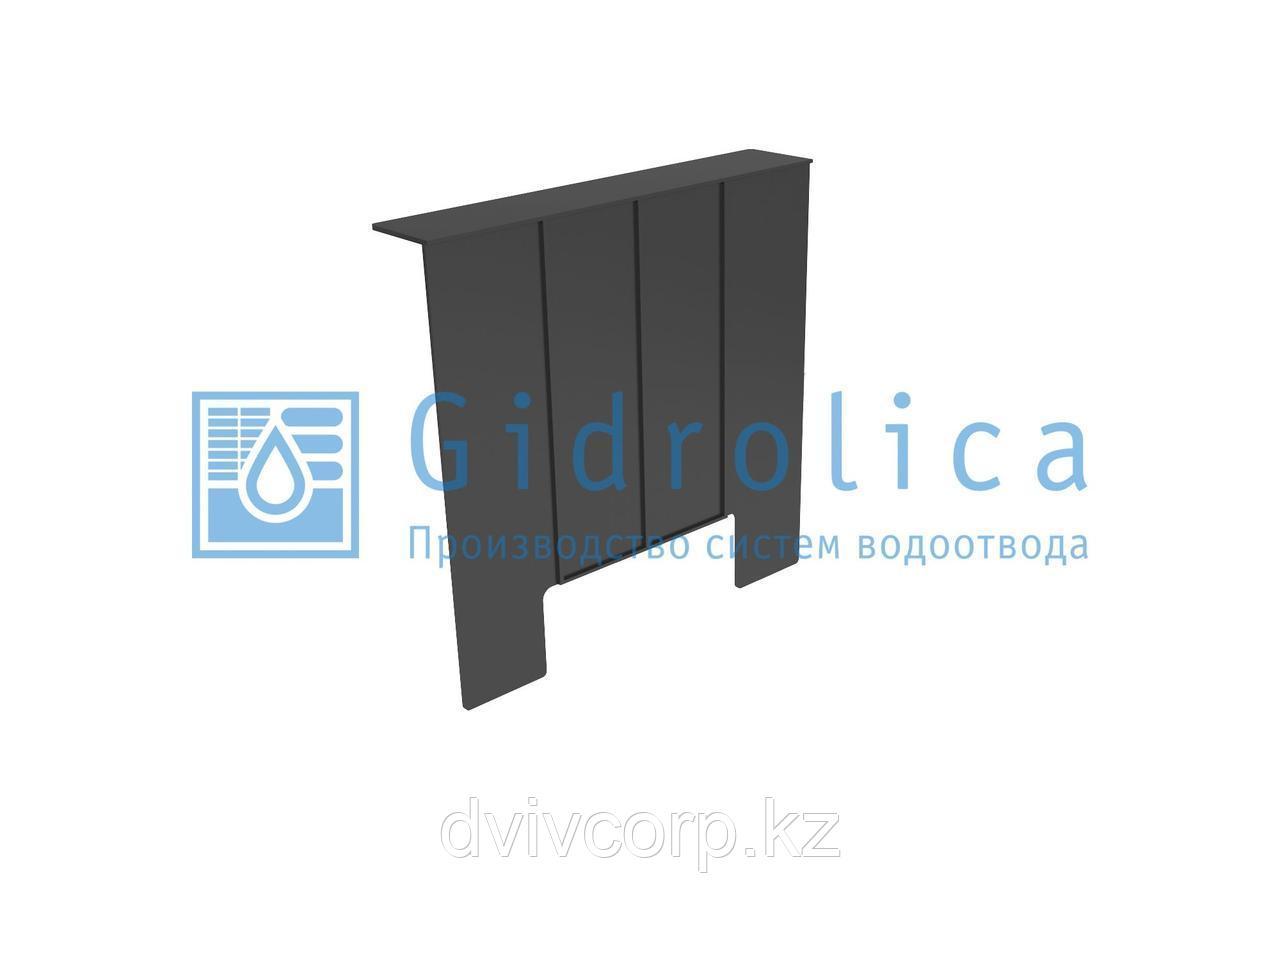 Арт. 210 Перегородка-сифон для дождеприемника Gidrolica Point 30.30 - пластиковая